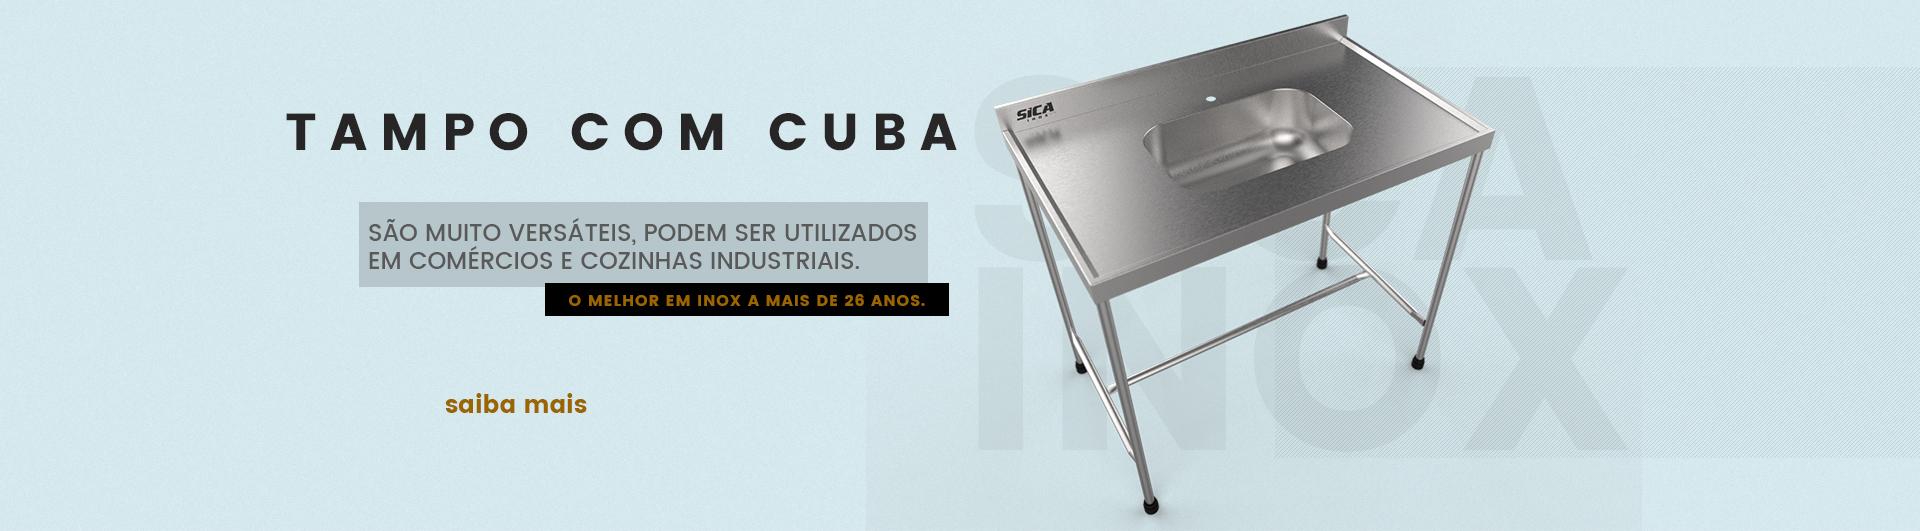 Tampo com Cuba